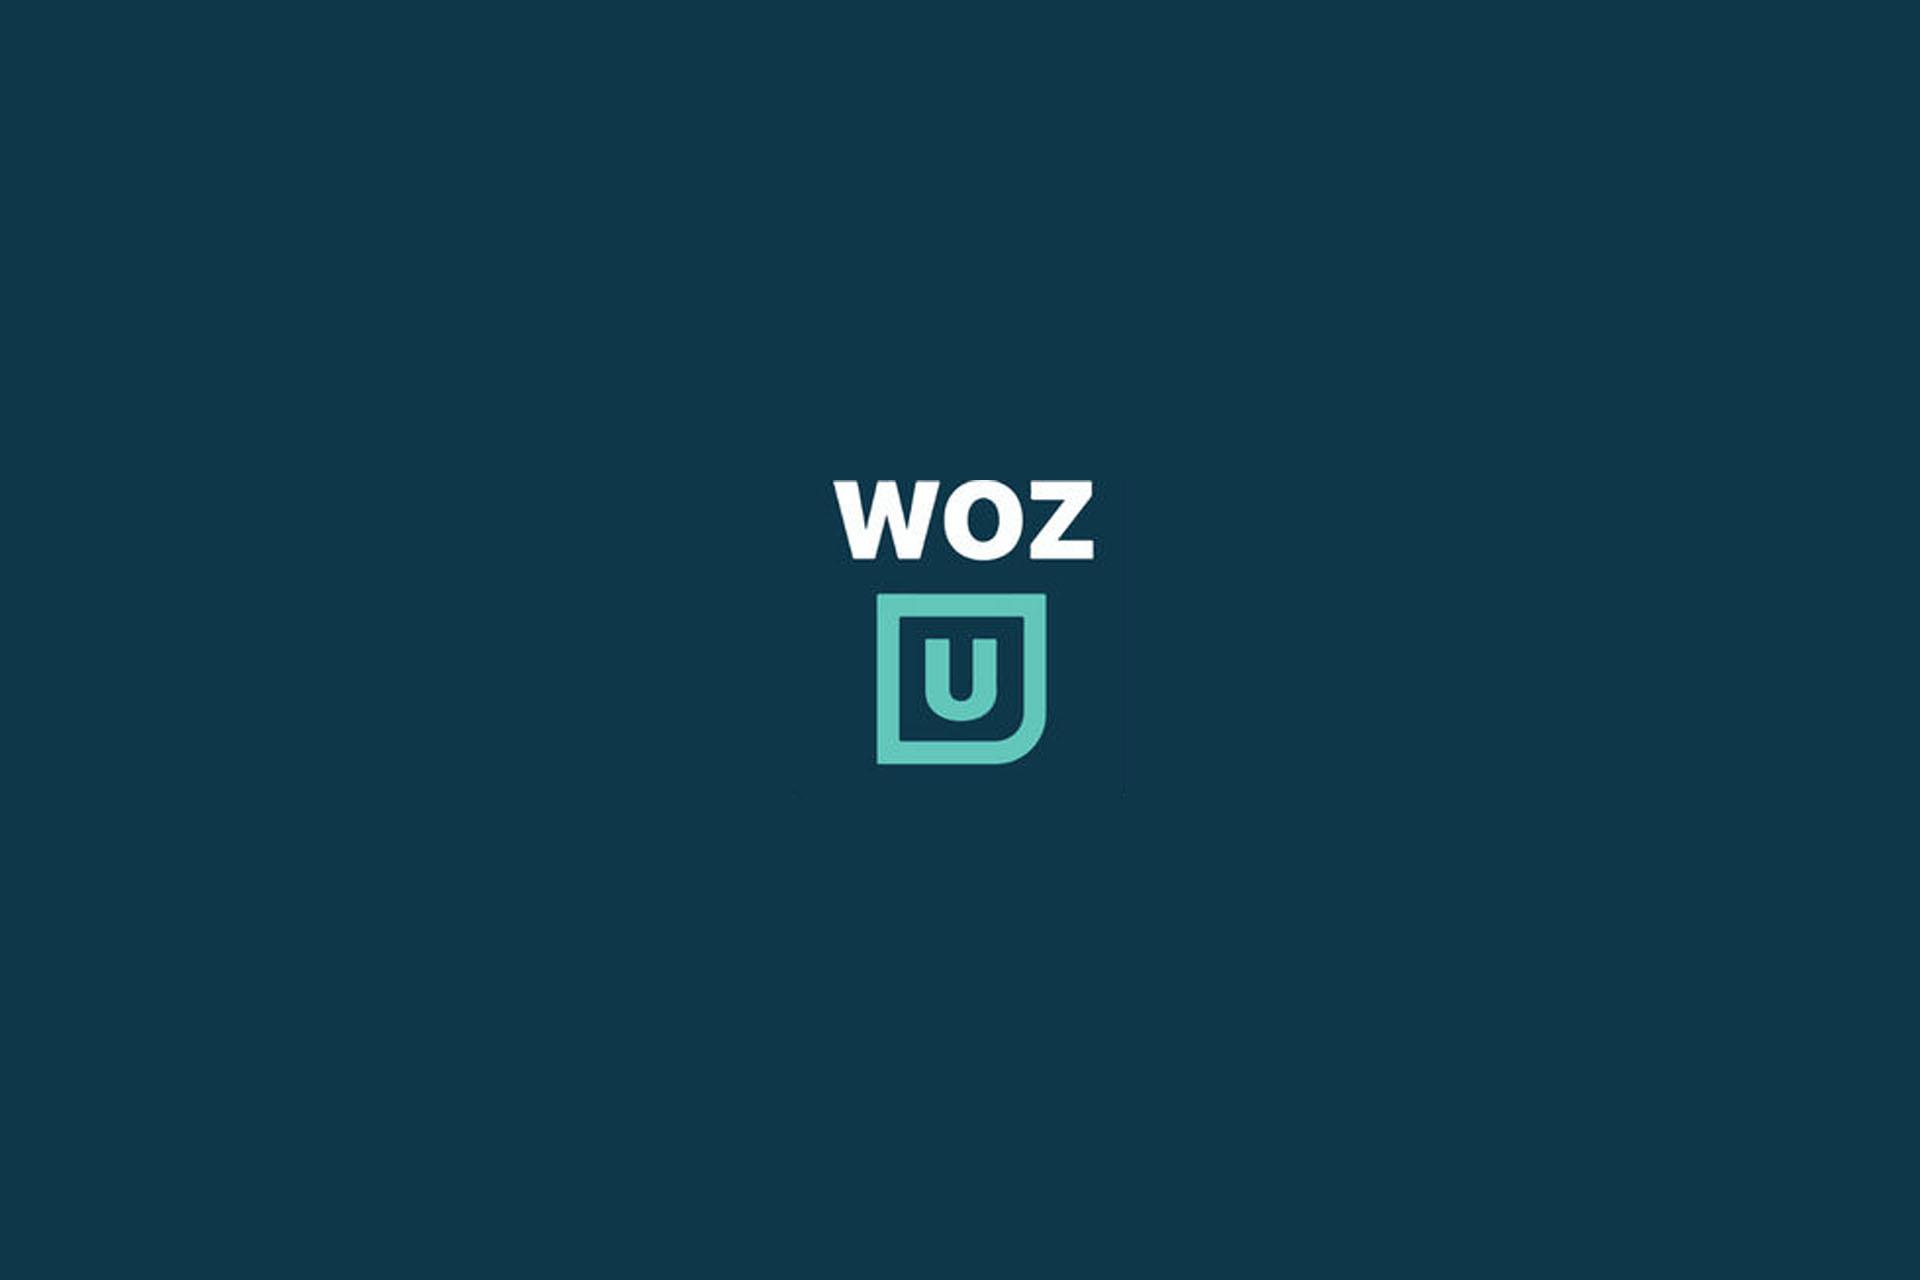 WOZ U: La plataforma de educación tech online de Steve Wozniak